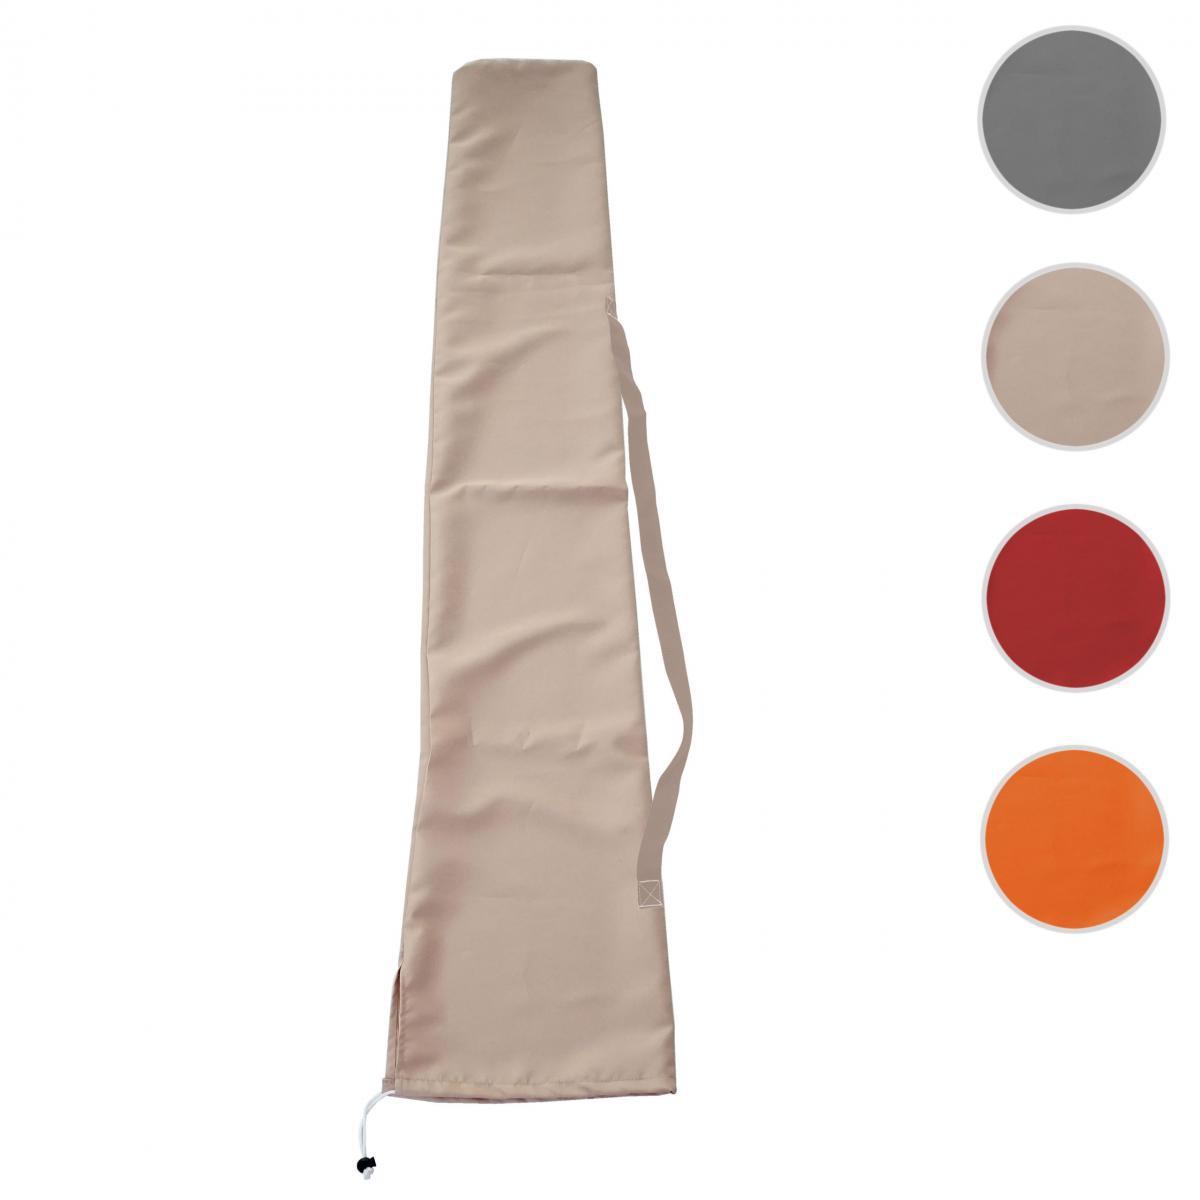 Mendler Housse de protection pour parasol jusqu'à 3x4m, gaine de protection avec cordelette ~ crème